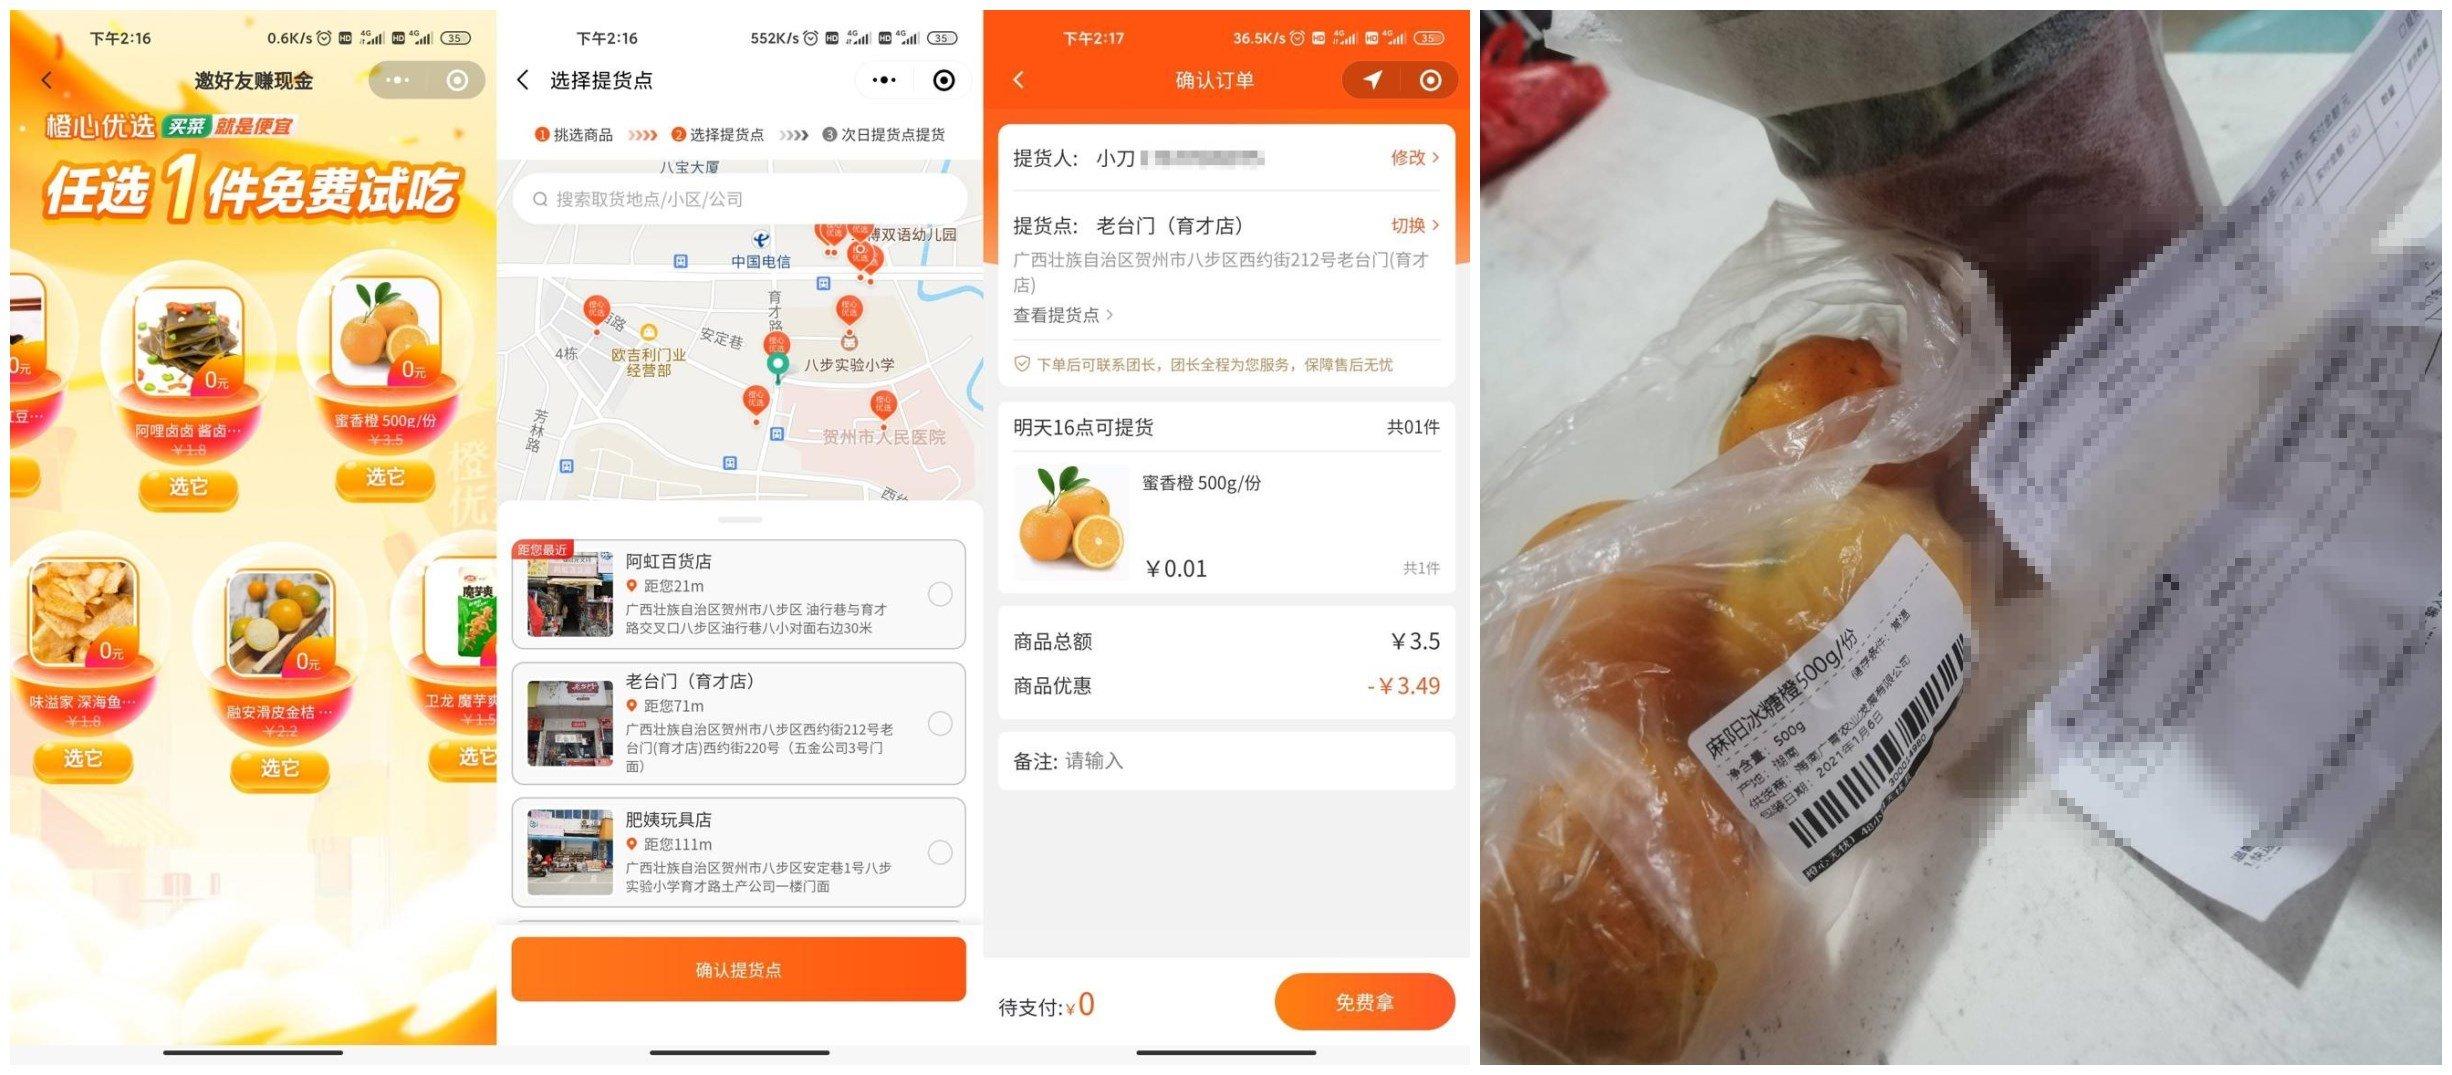 橙心优选1分撸水果零食日用品等插图1